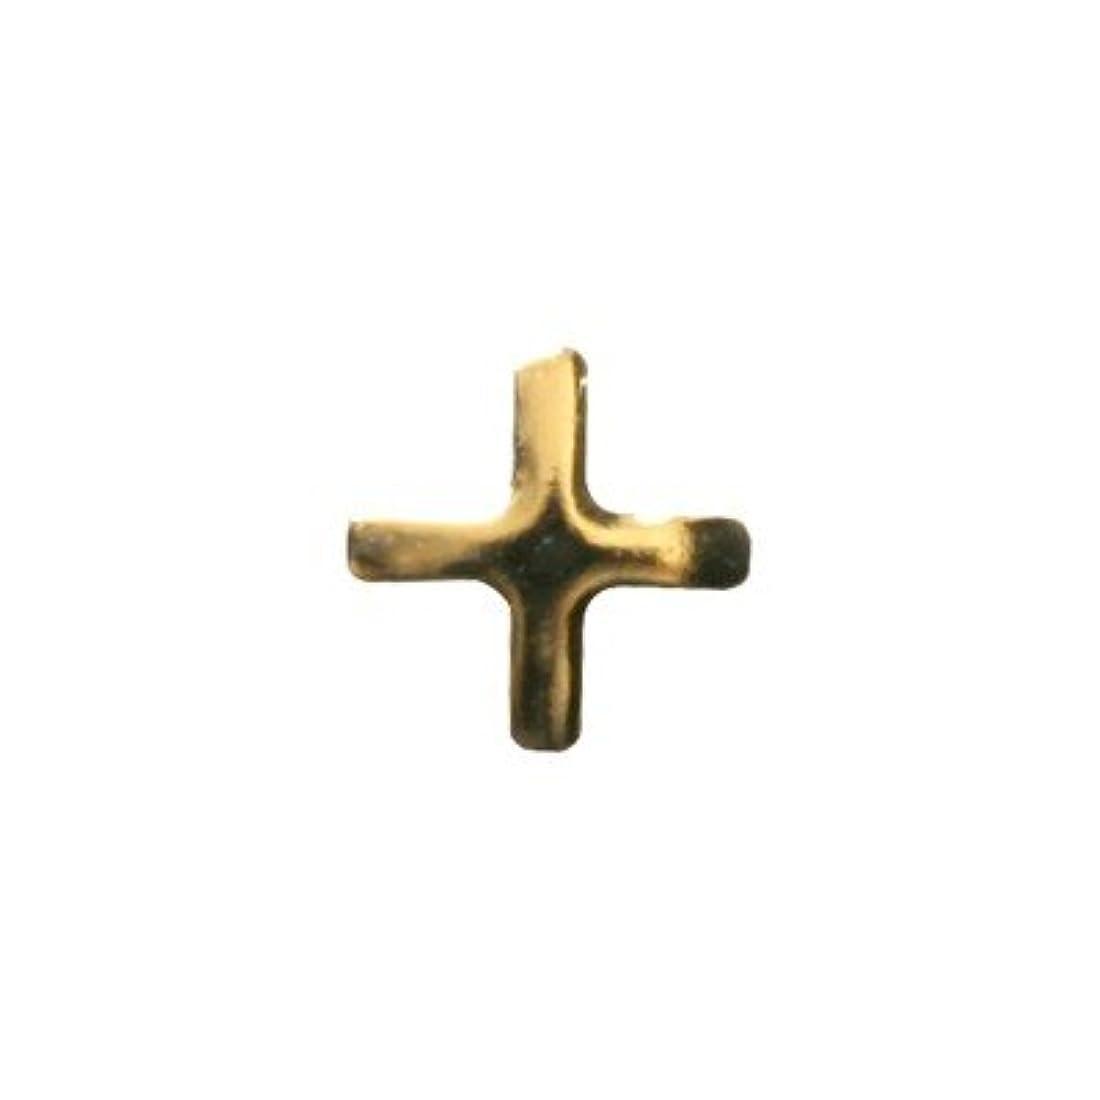 視力第四豪華なピアドラ スタッズ クロスレット ハーフ 3mm 50P ゴールド